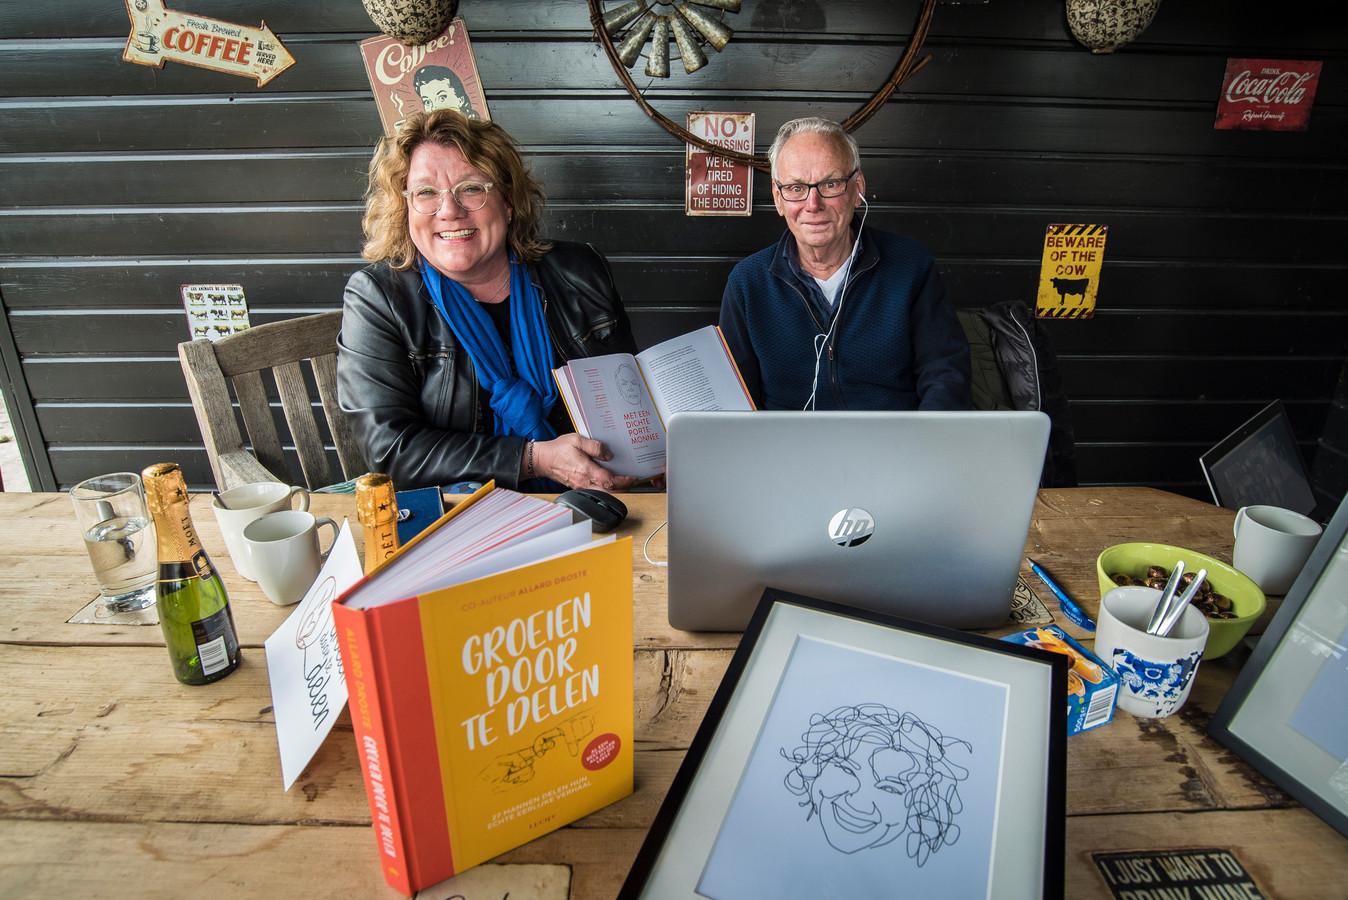 Anka Jacobs en Bernard Poelman bij de feestelijke online presentatie van het boek 'Groeien door te delen'. Jacobs interviewt haar oom en nog een aantal Twentse mannen over hun leven.